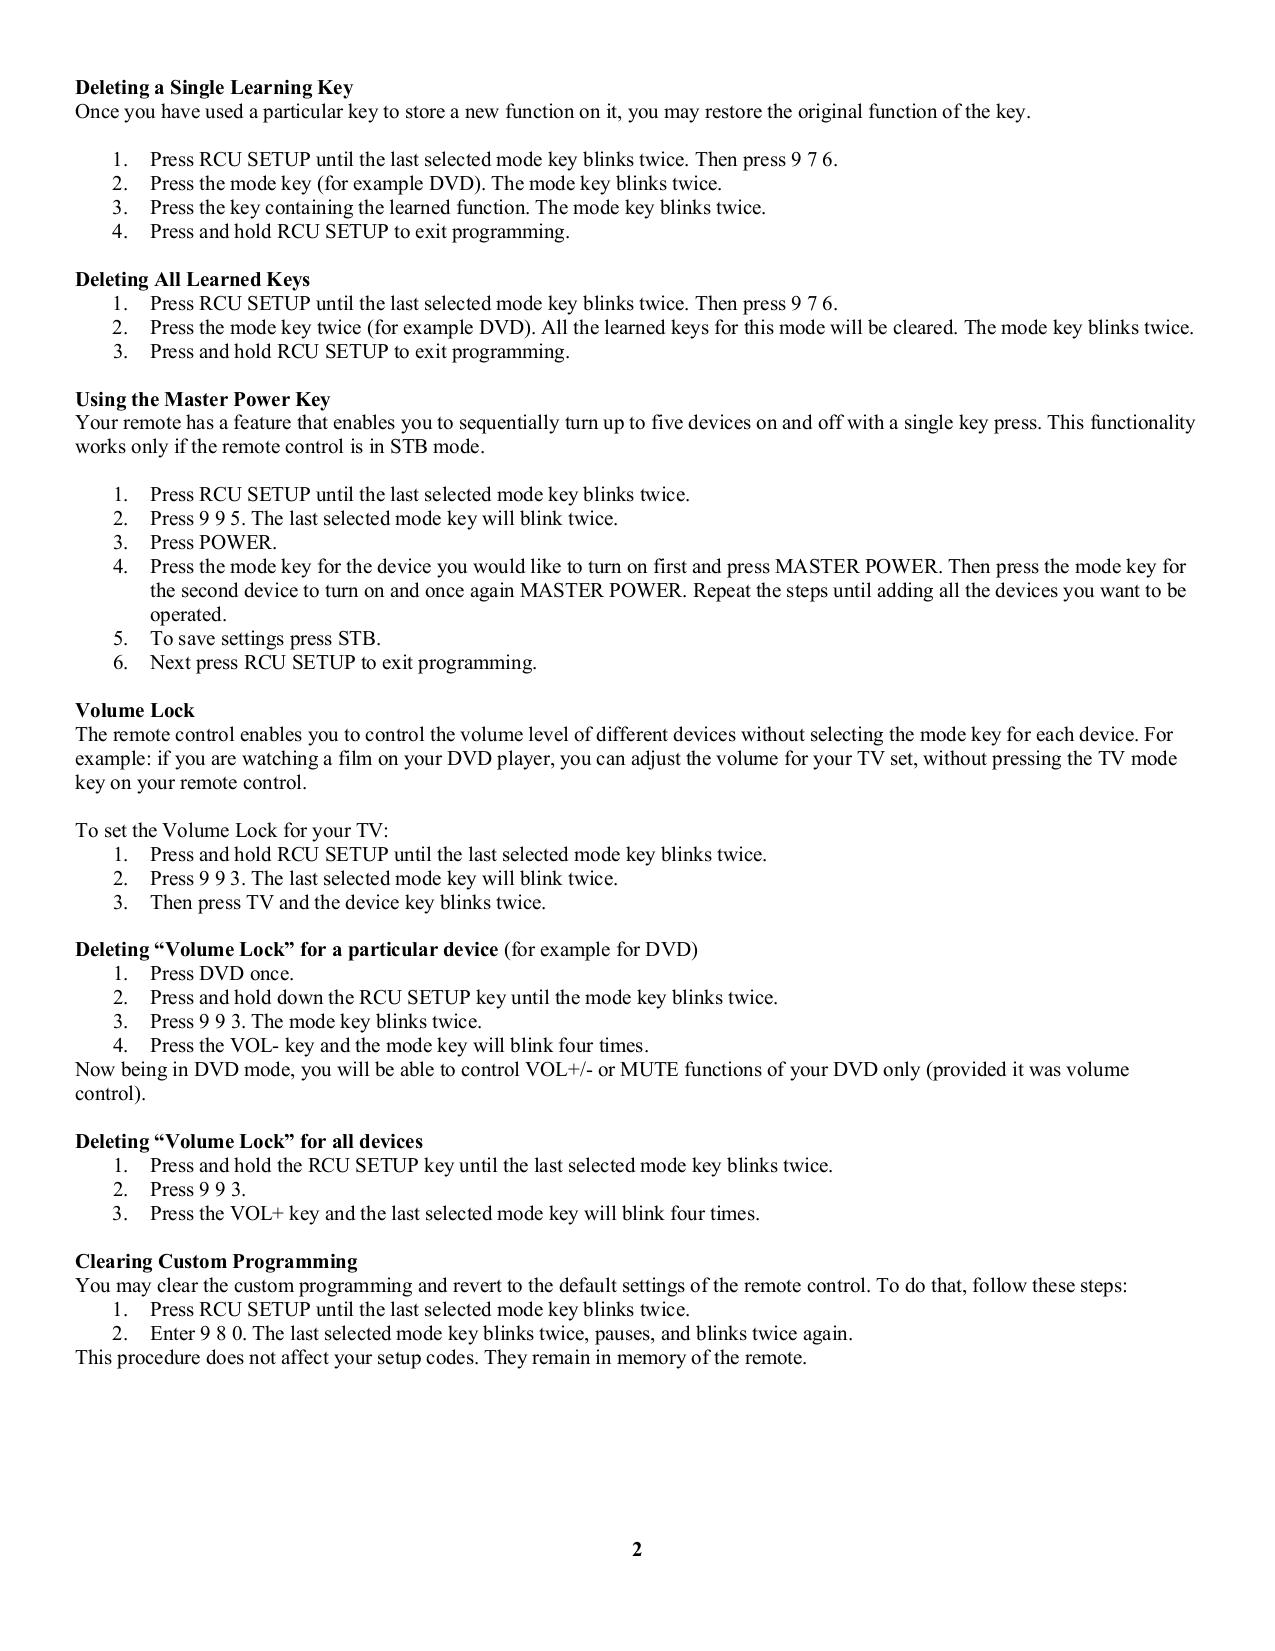 Lenoxx TV TV-5 pdf page preview